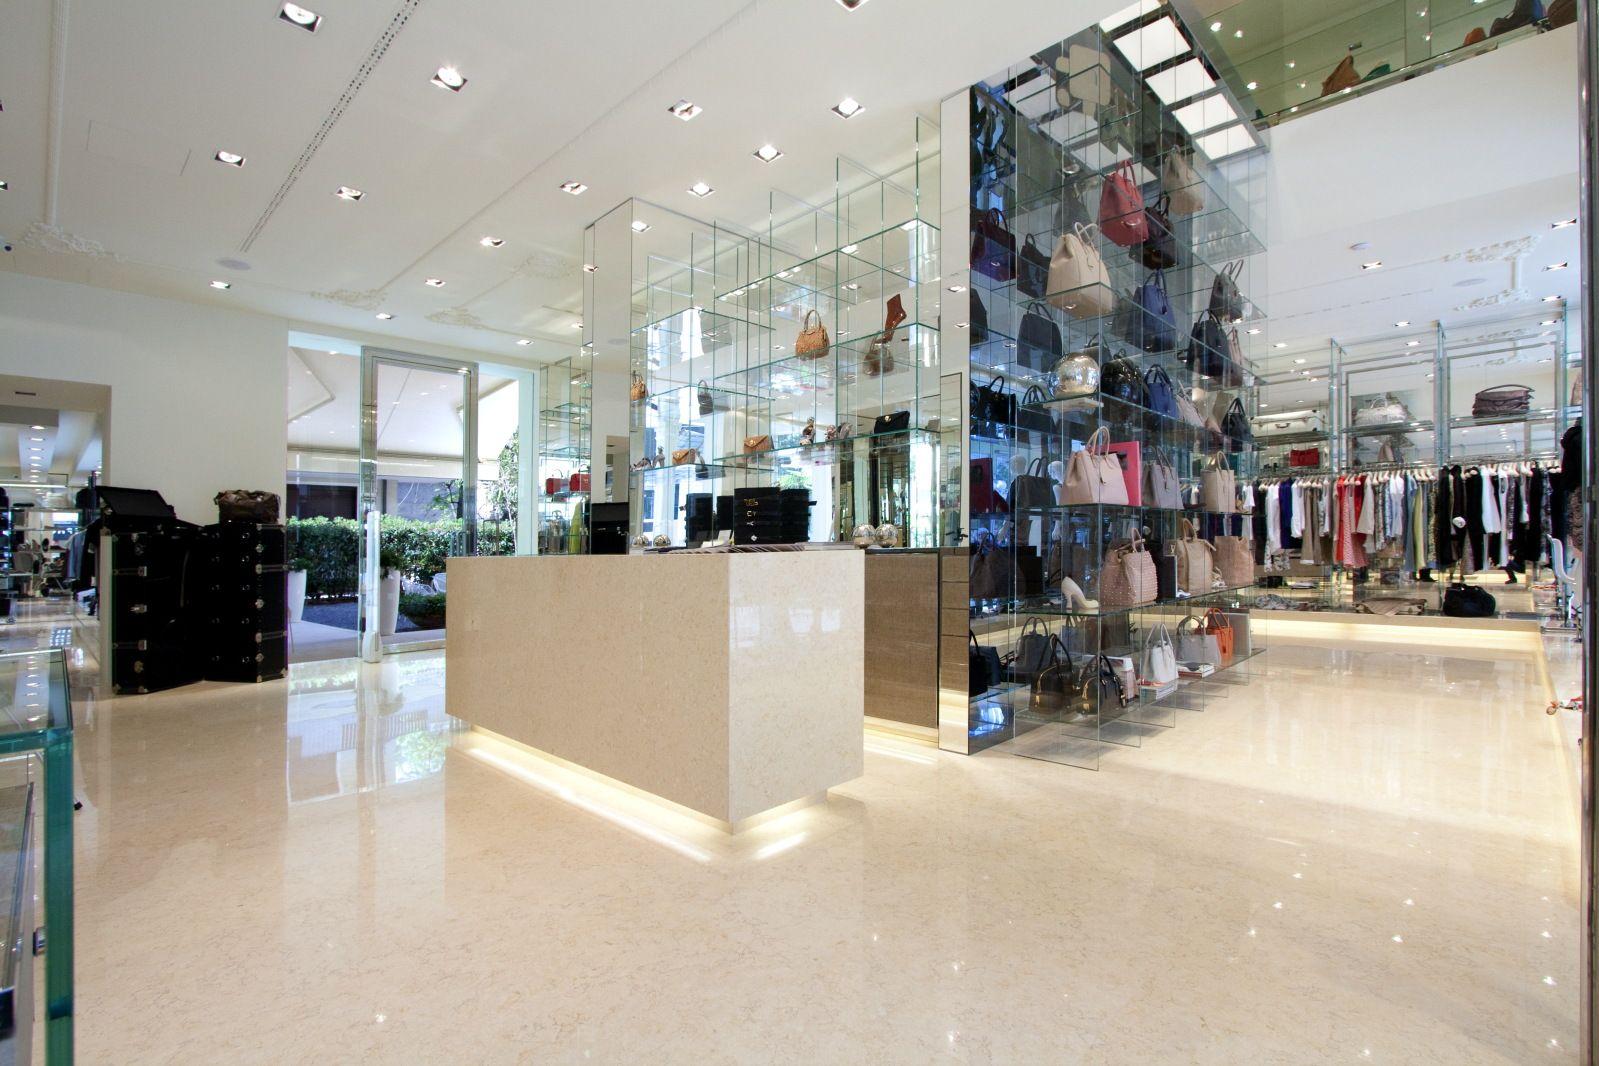 Negozi moda: Antonia boutique a Riccione, marchi, indirizzo